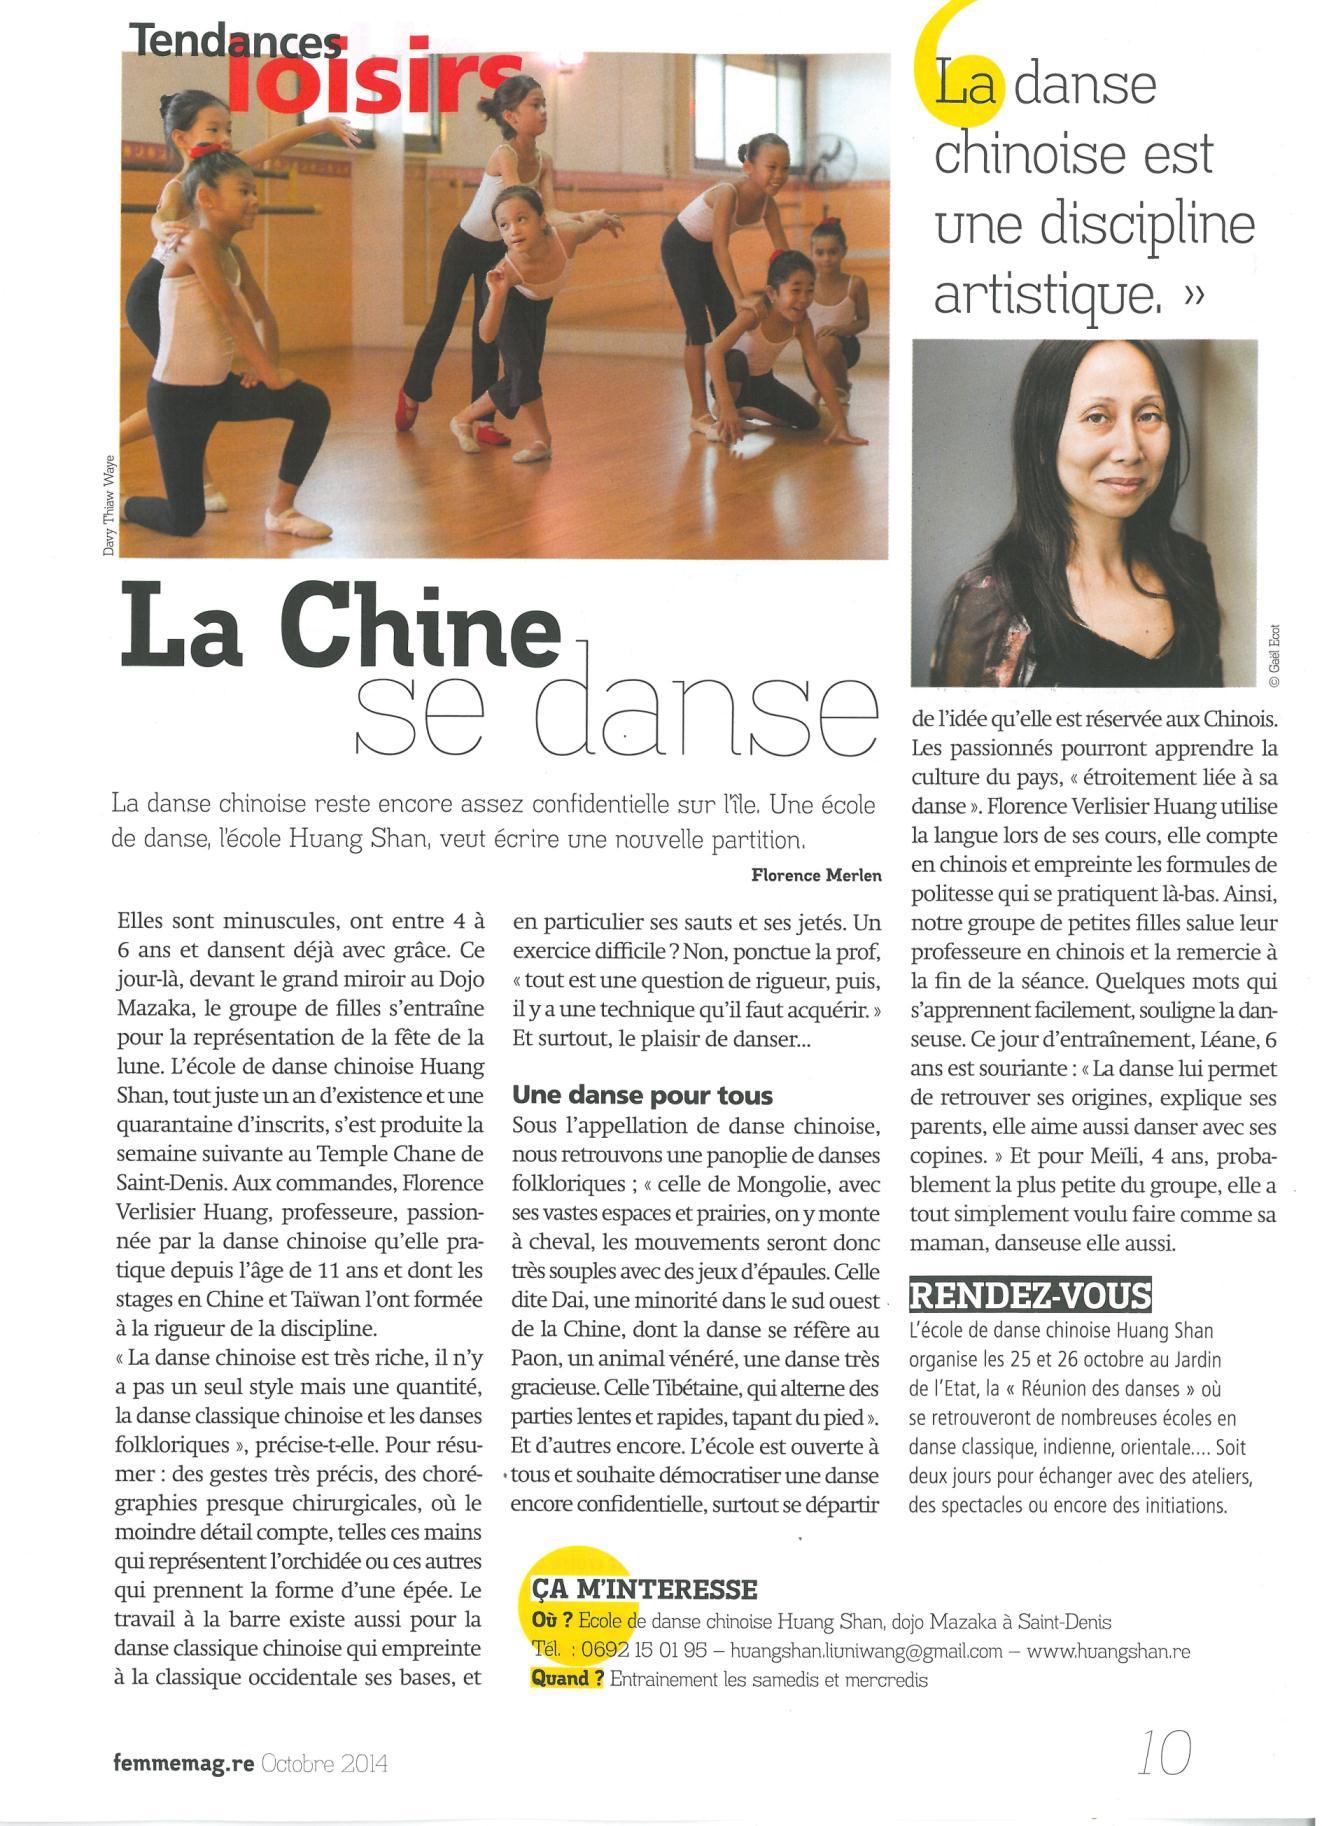 Femme magazine 2 10 2014 redim 2